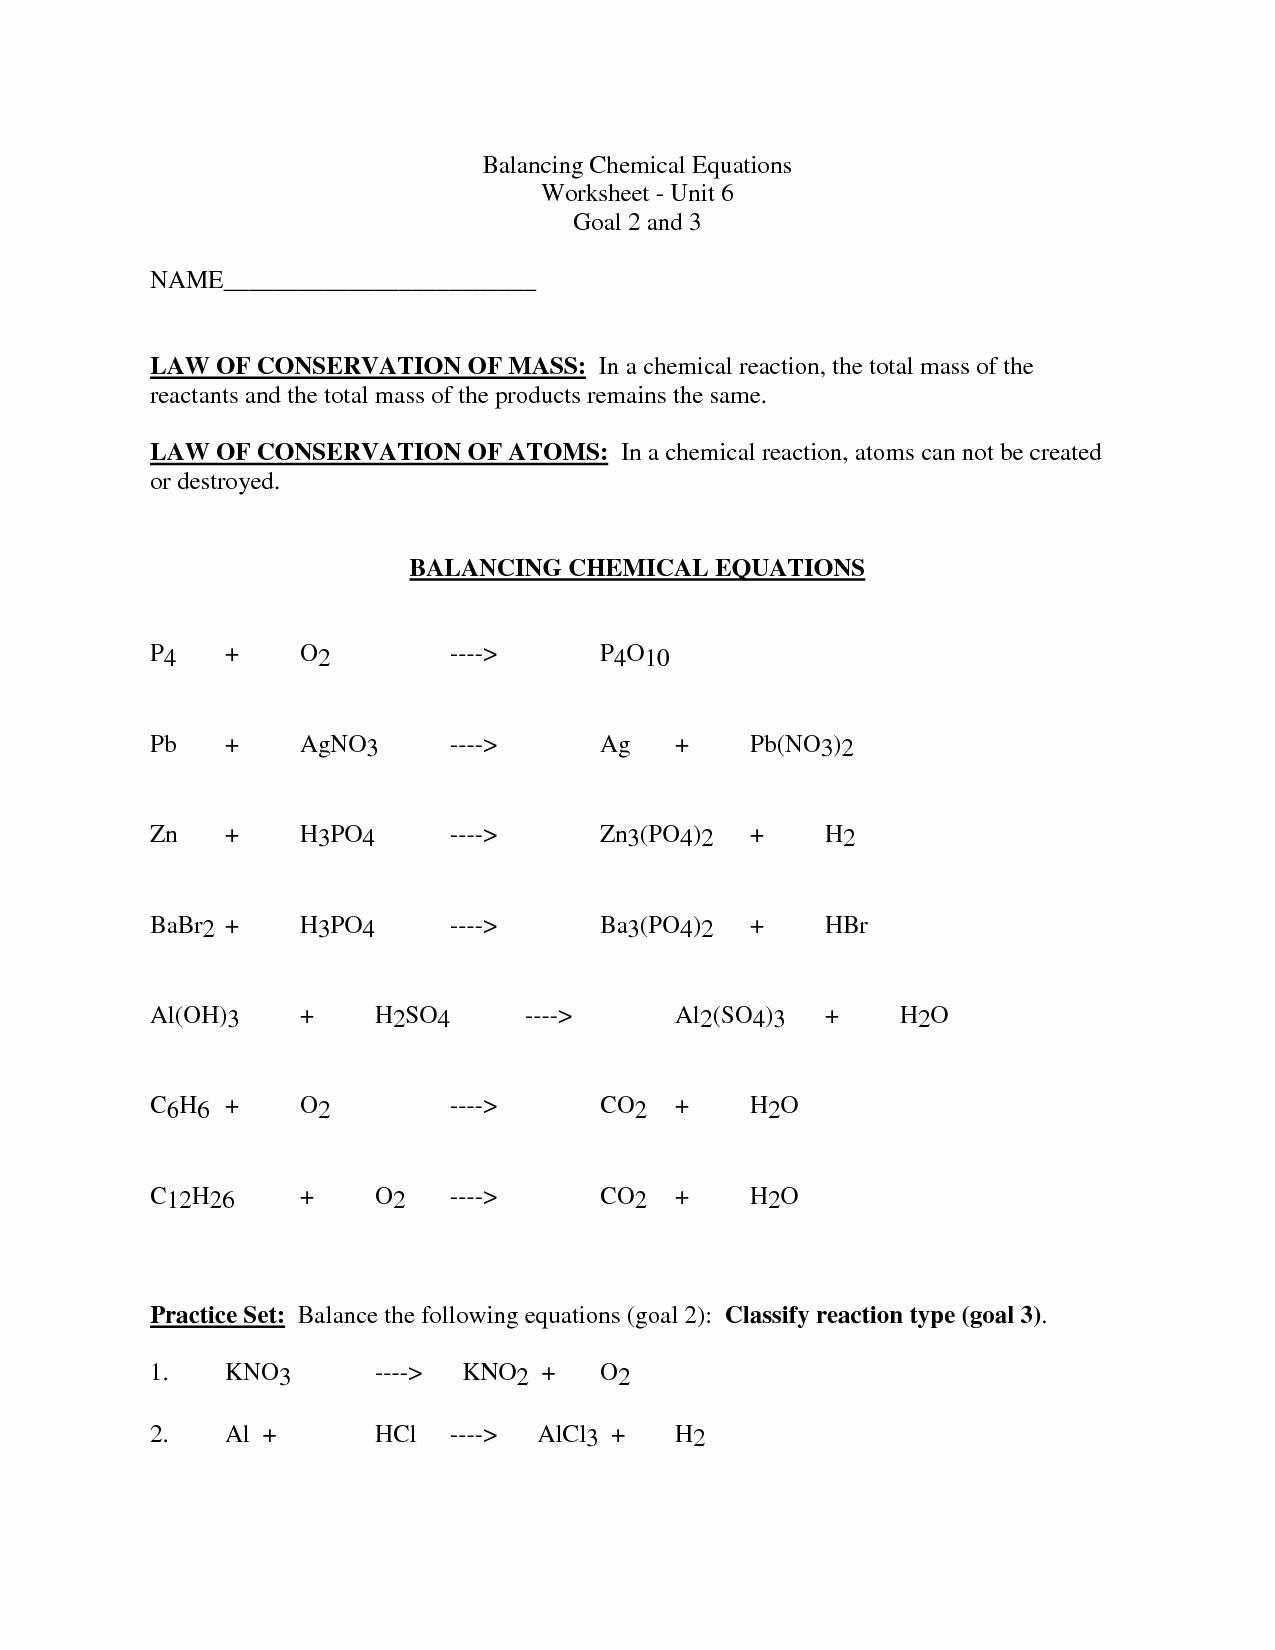 Balancing Chemical Equation Worksheet Luxury 12 Best Of Balancing Chemical Equations Worksheet